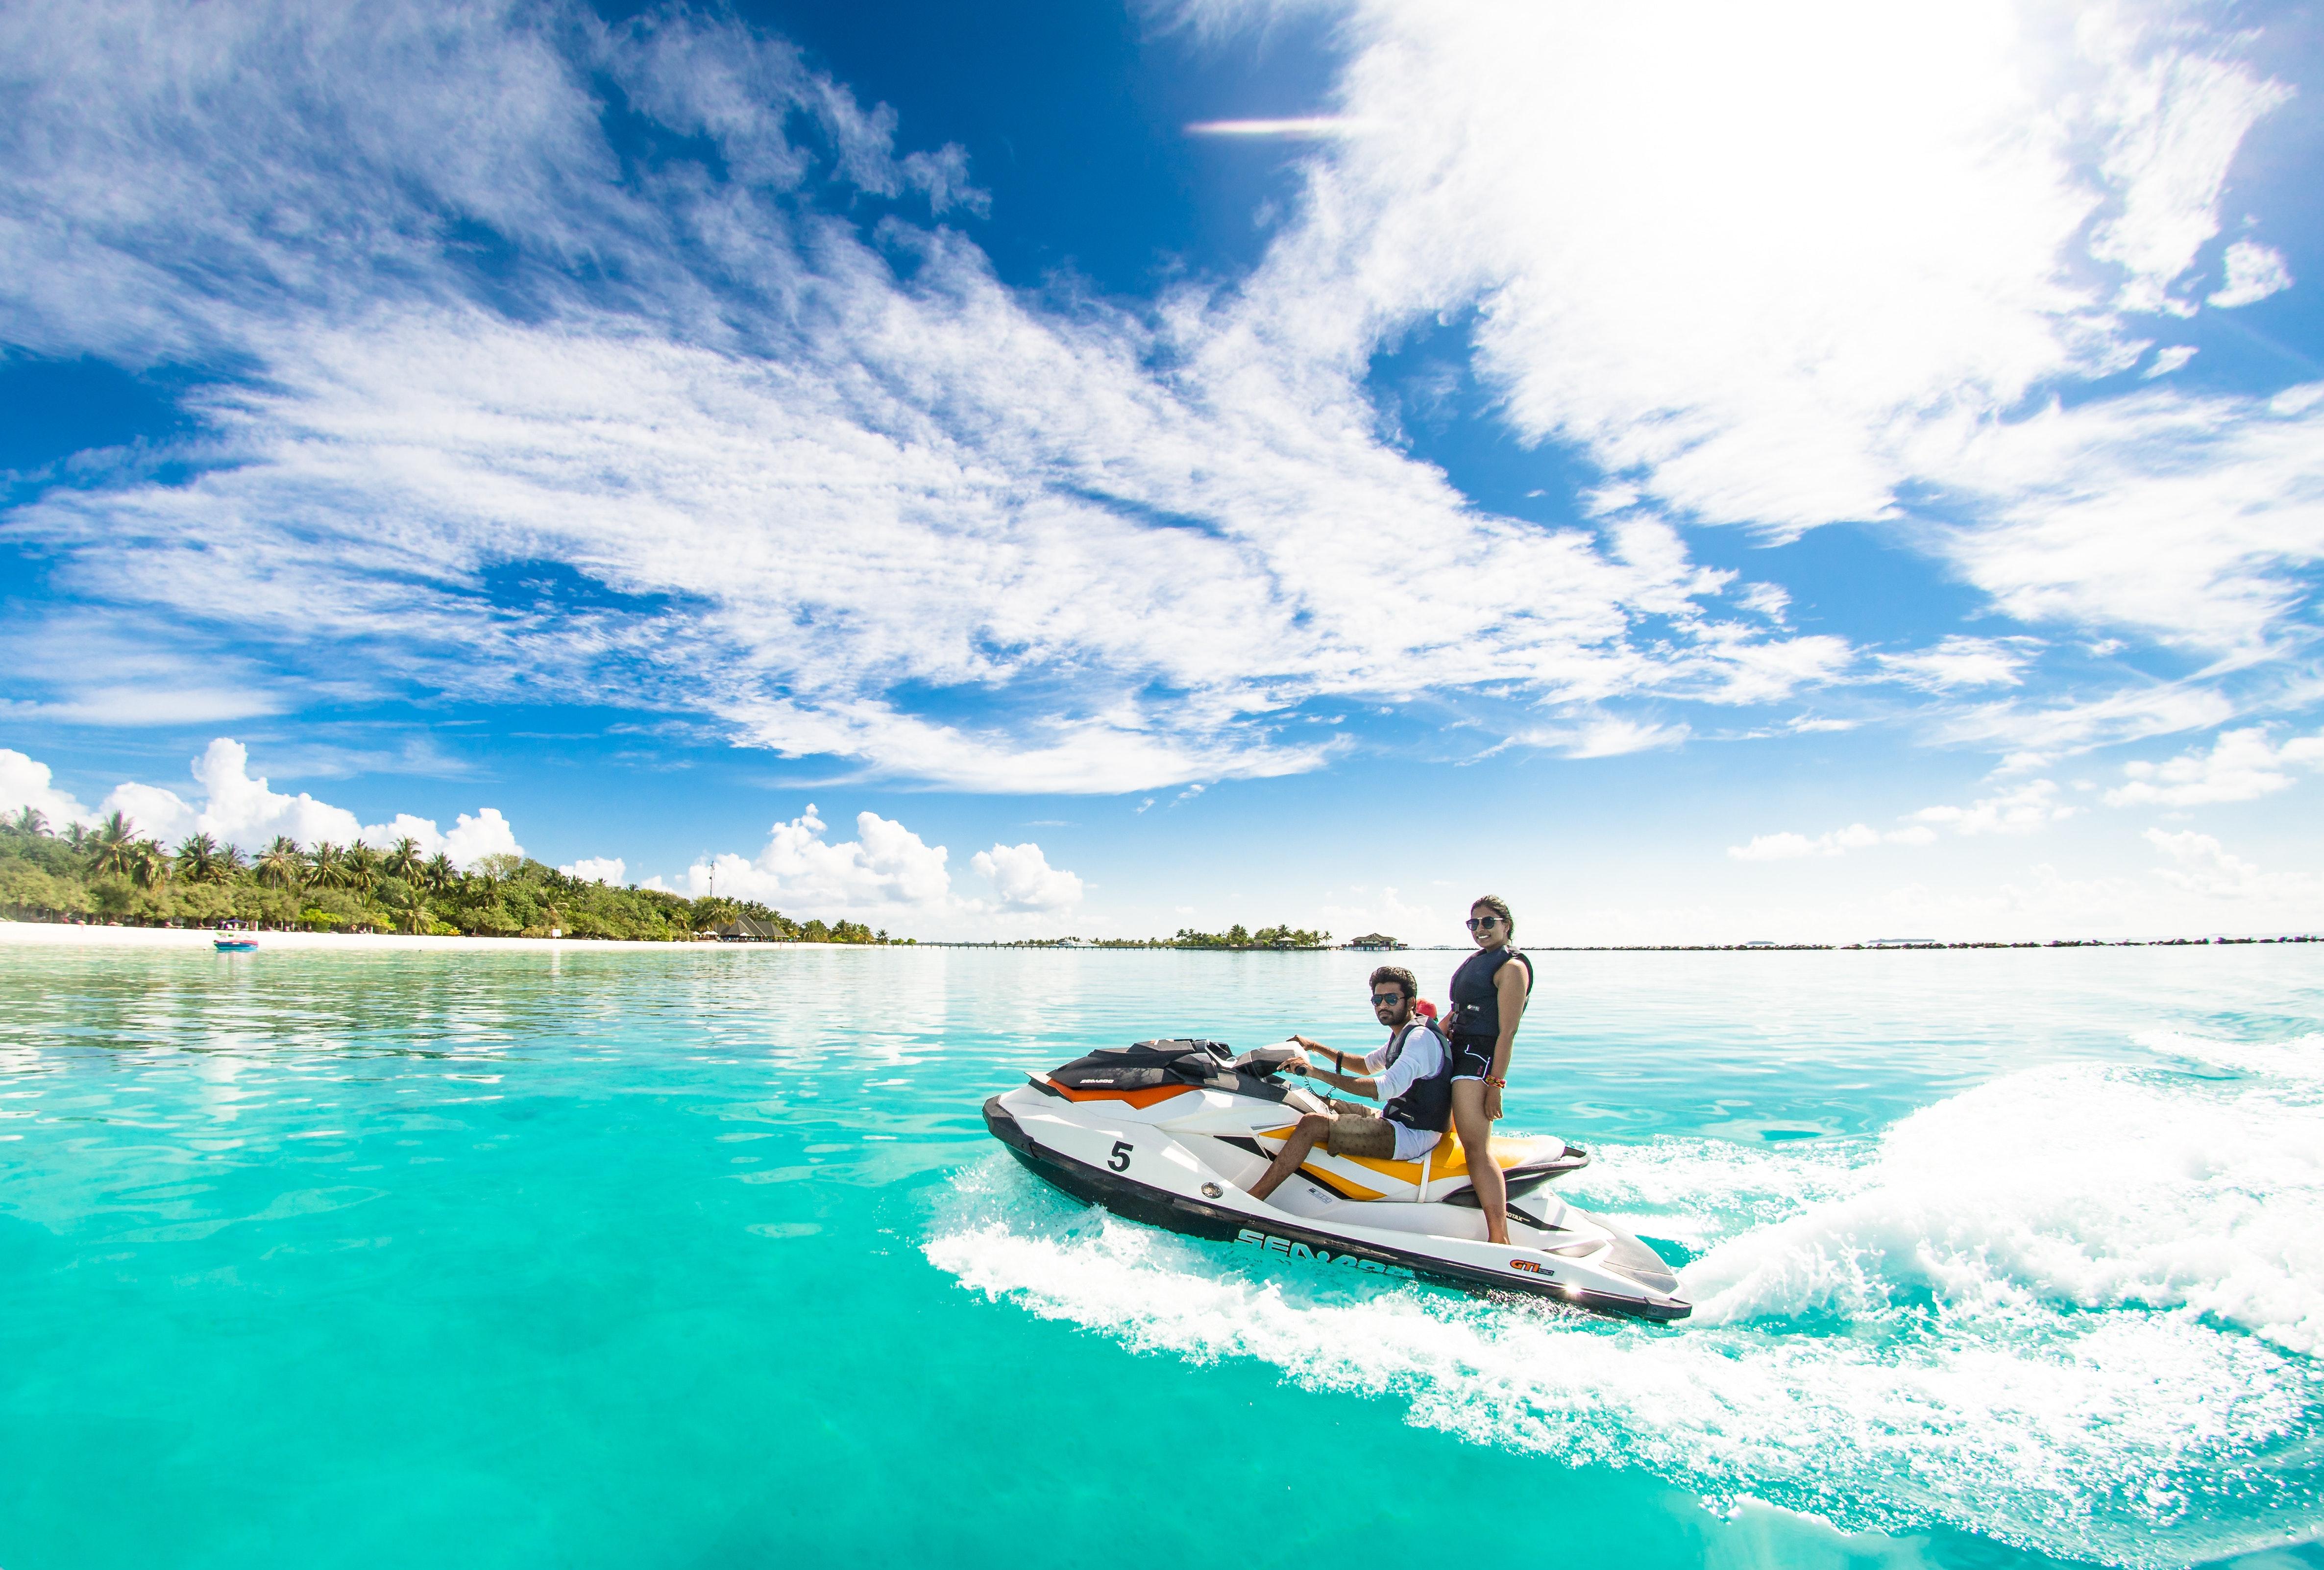 Water Sport in Maldives